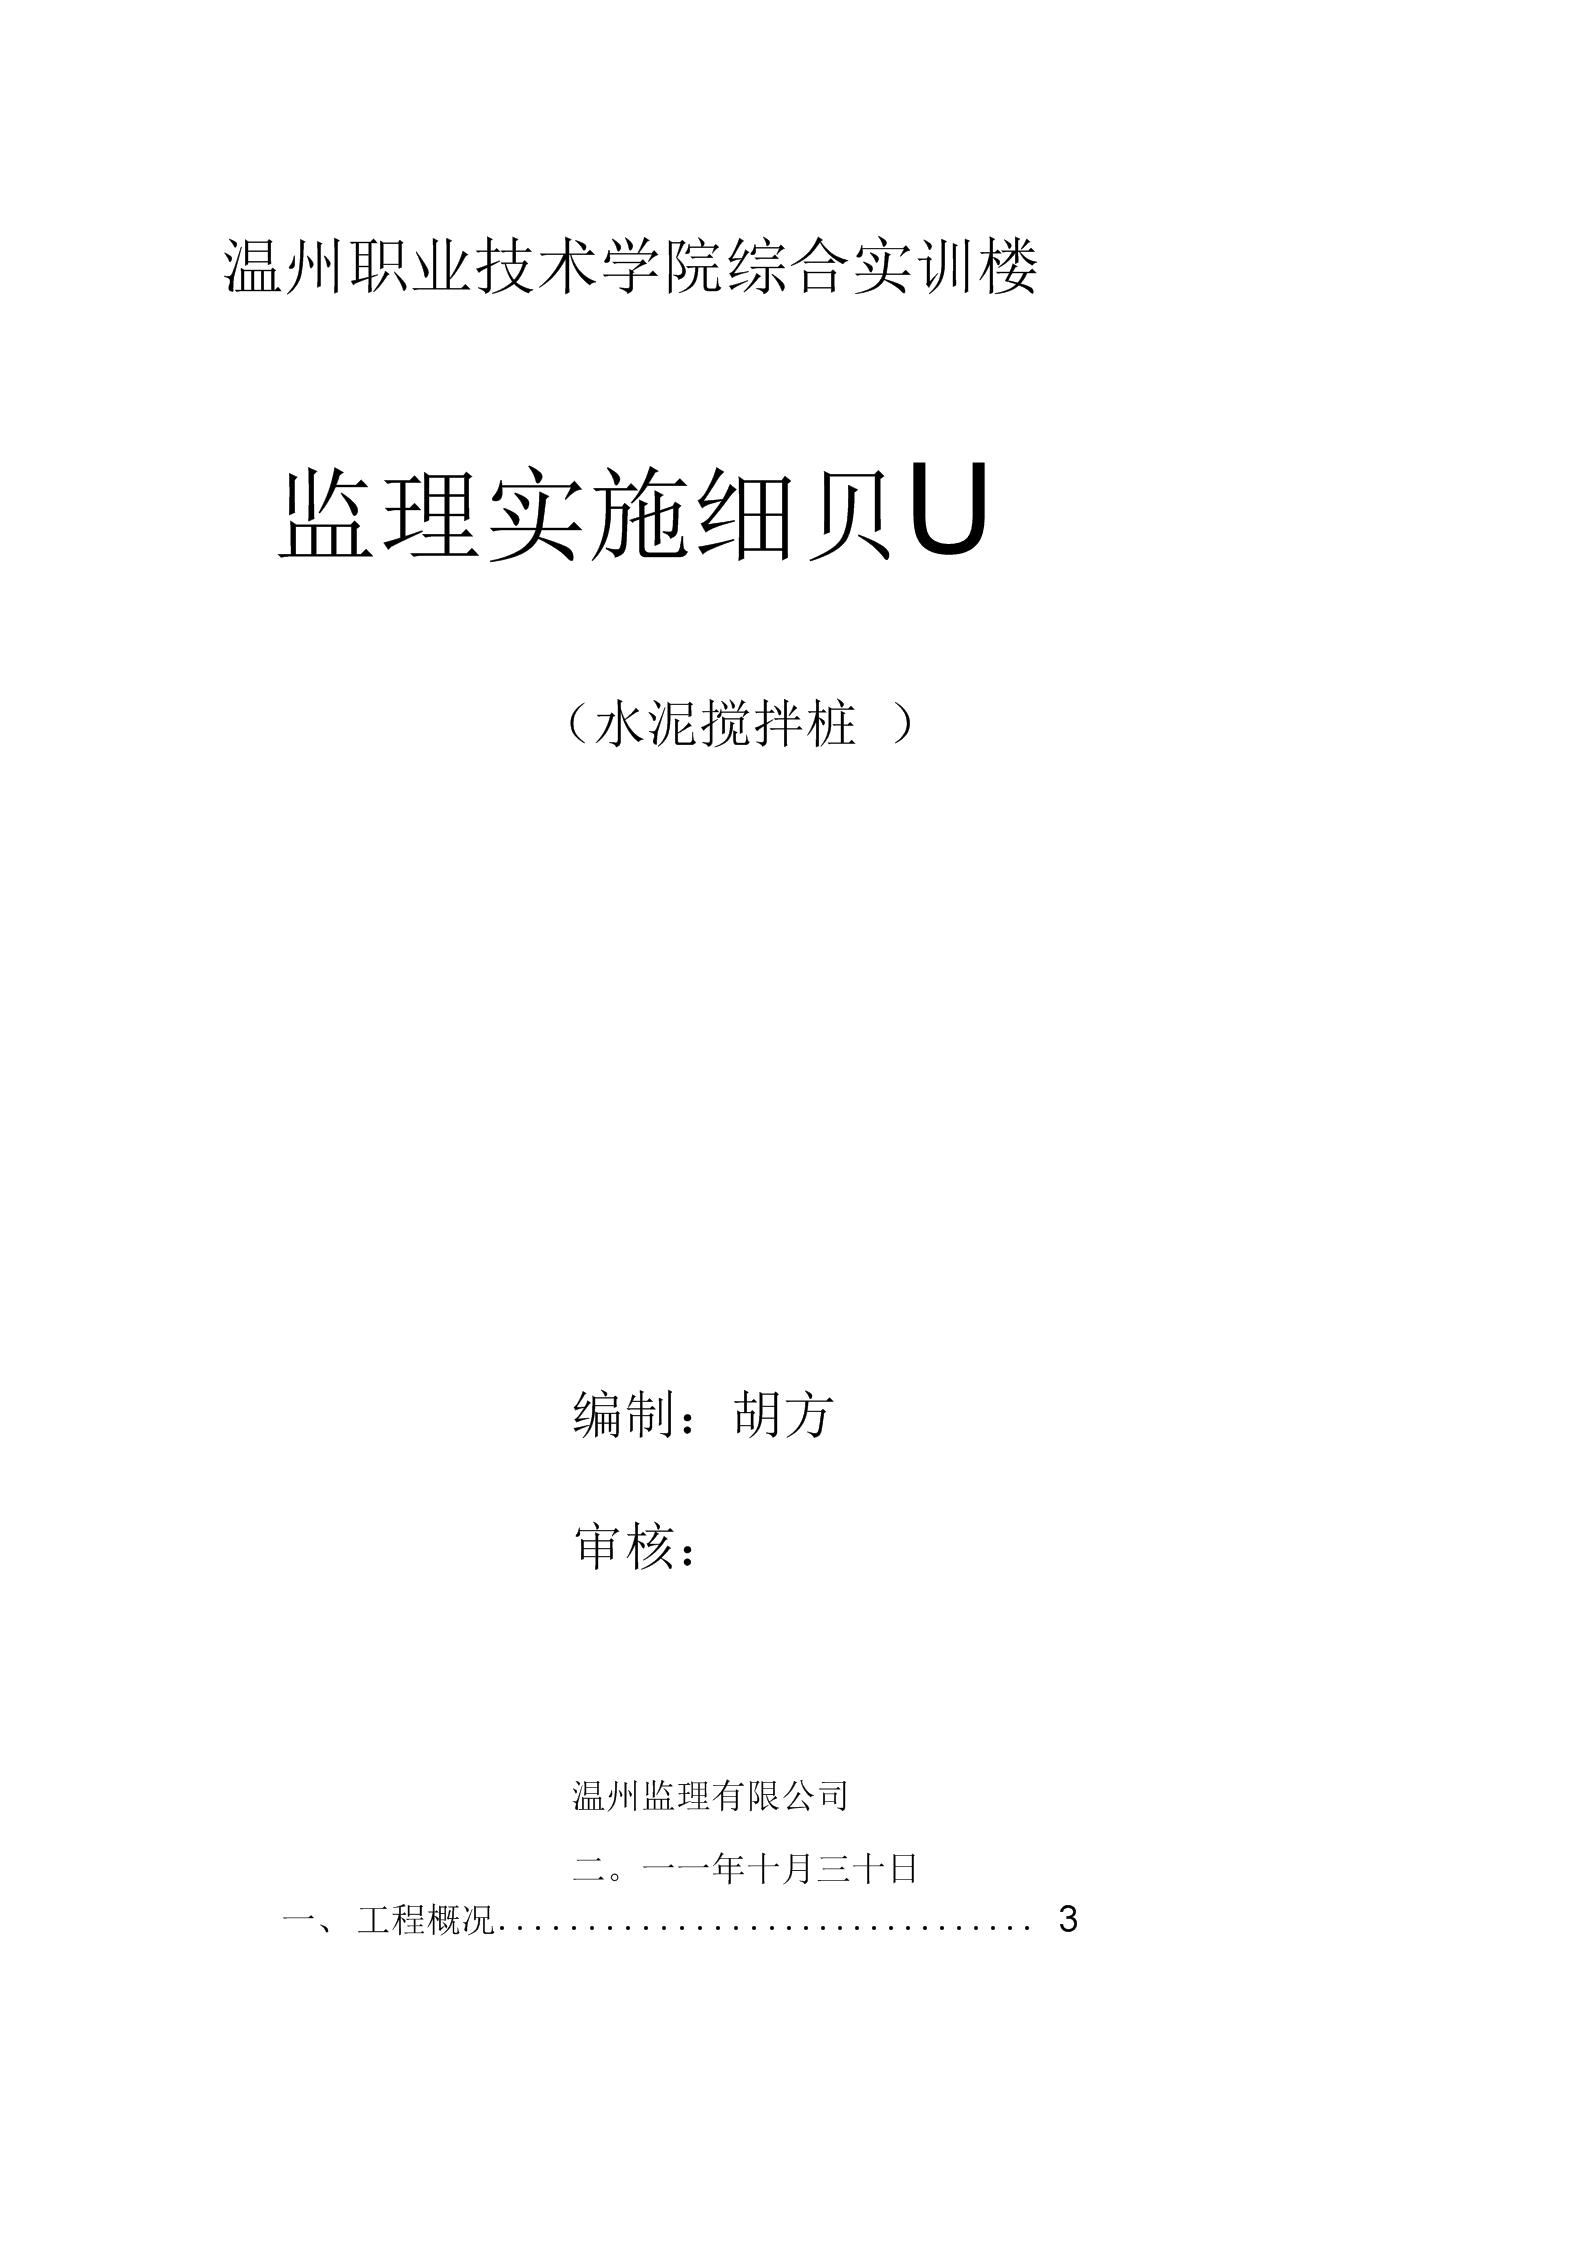 《水泥搅拌桩监理细则》.docx